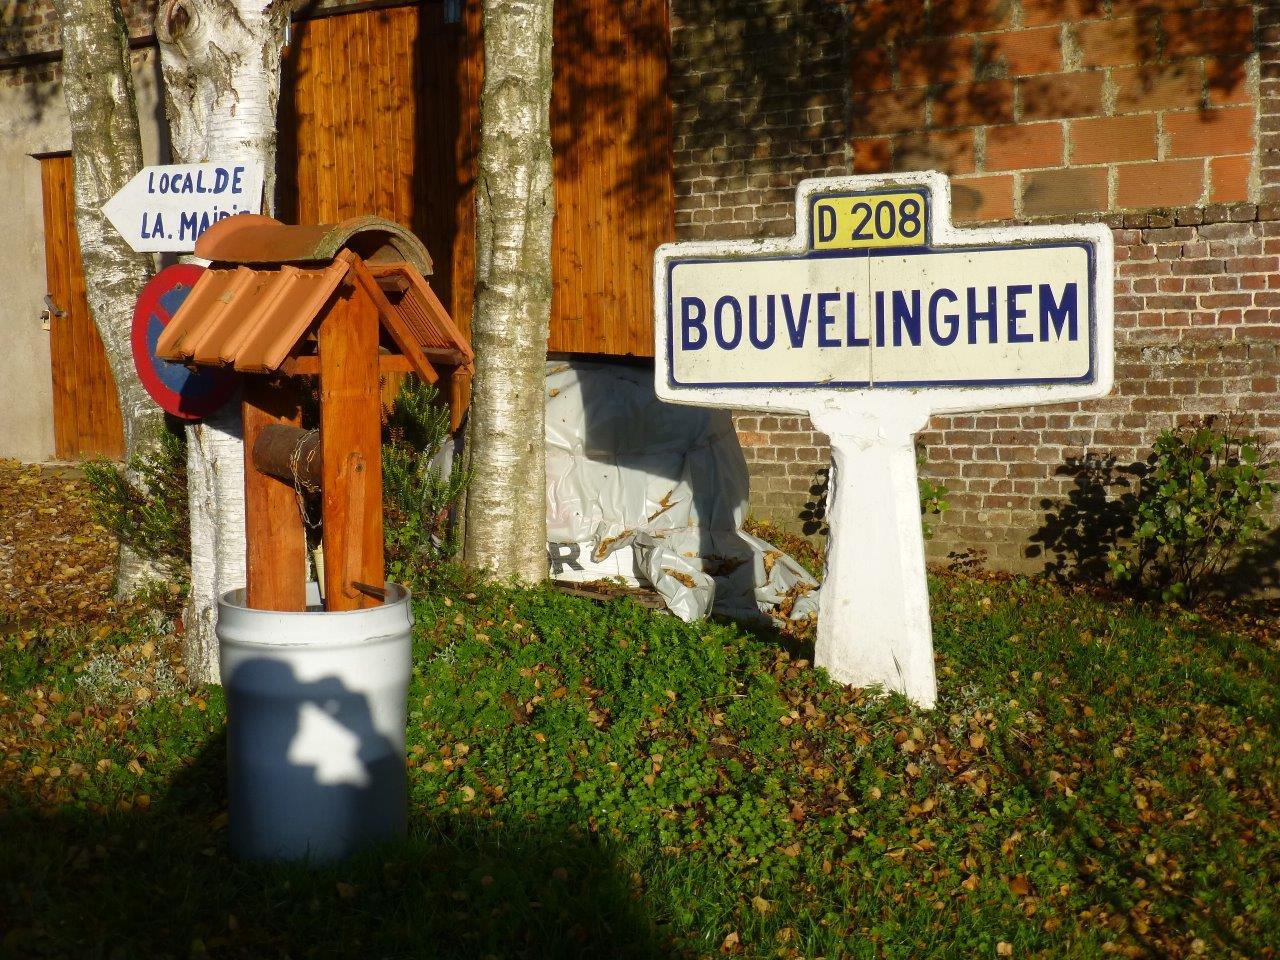 Bouvelinghem 25 octobre 2015